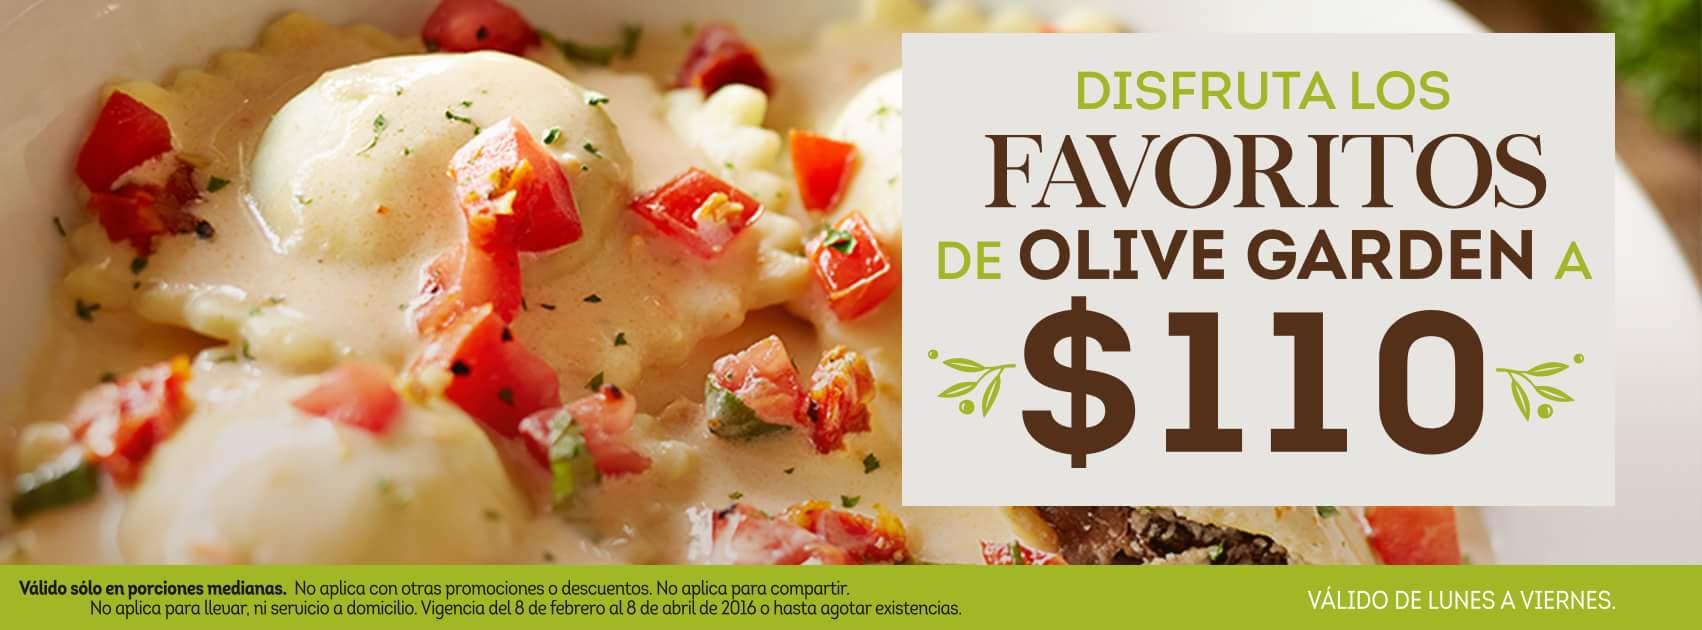 Olive Garden: vuelven los favoritos a $110